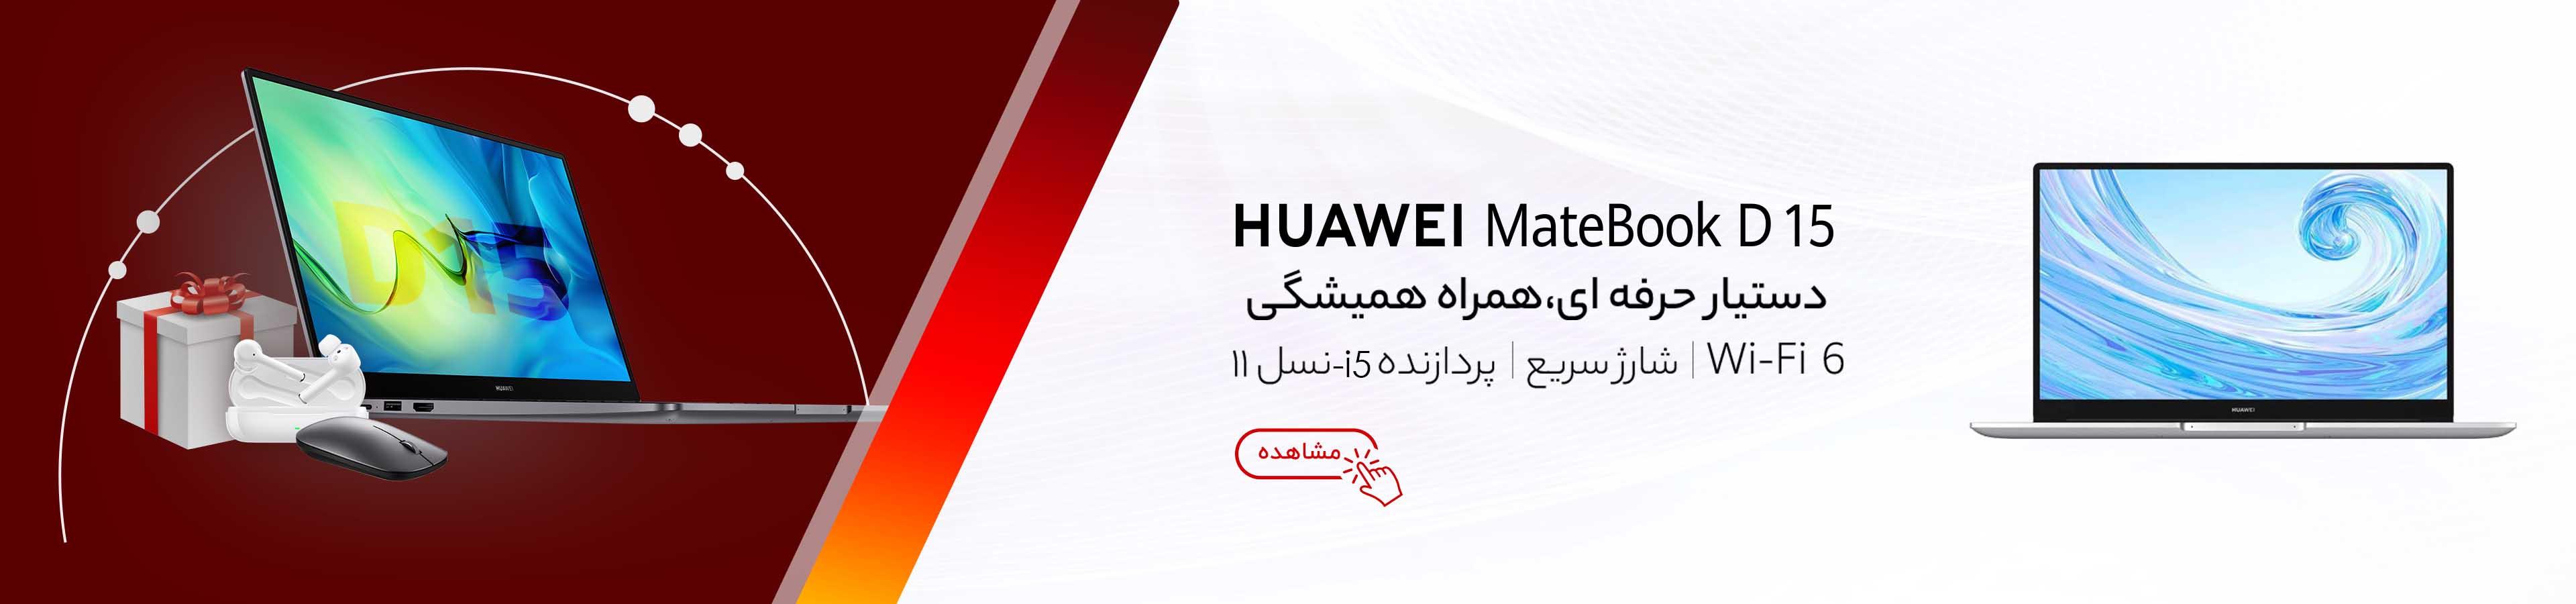 d15 huawei